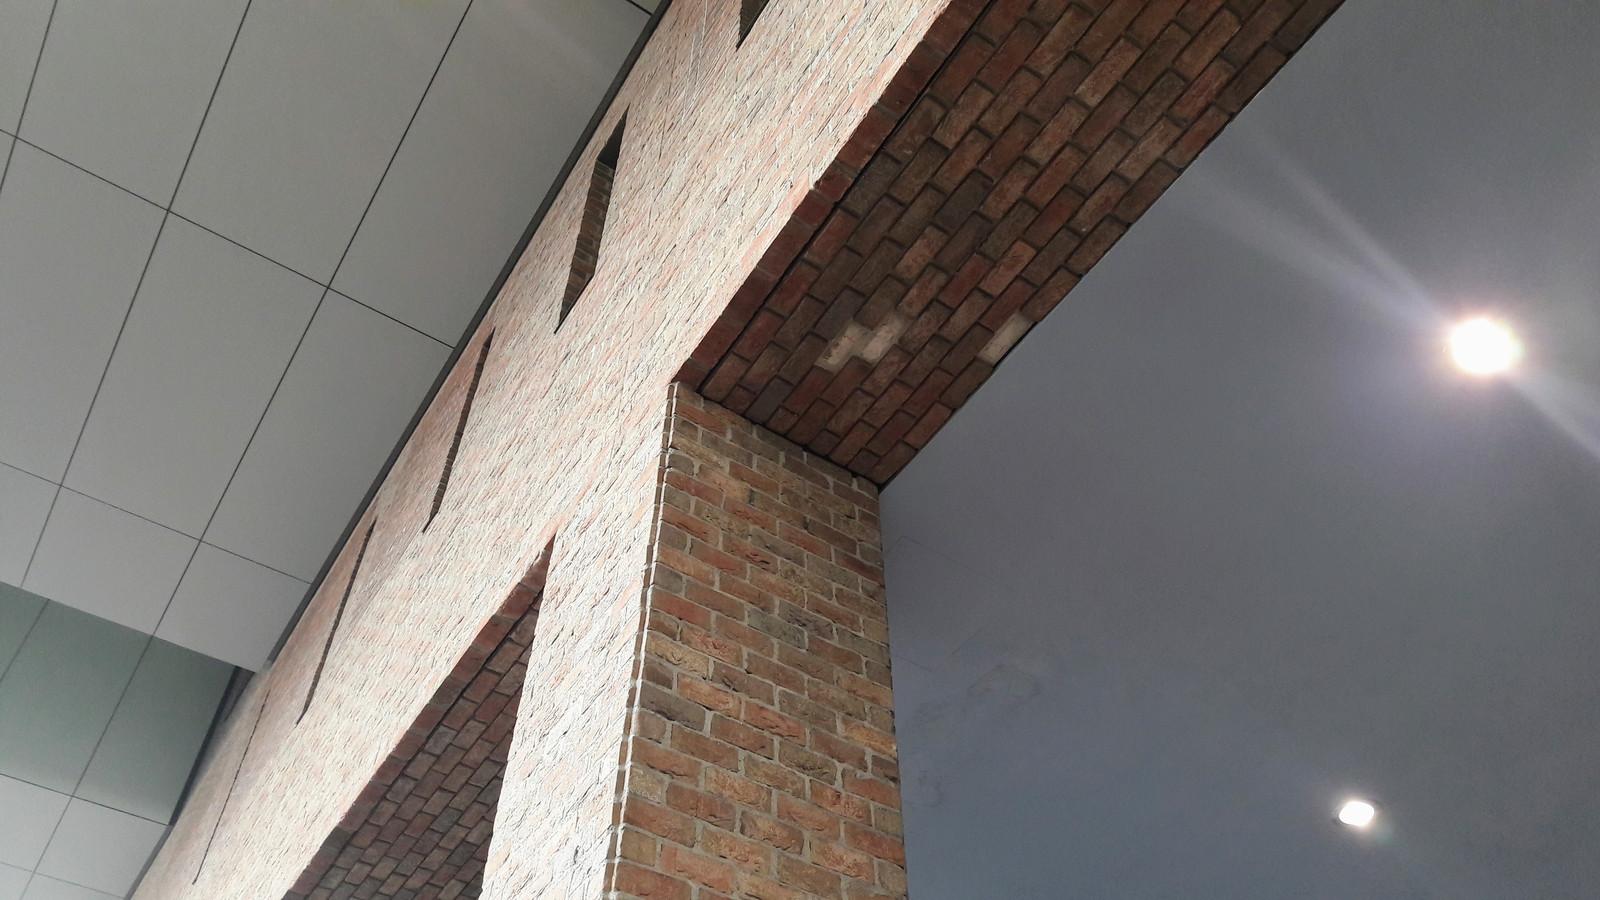 Eerst vielen er steenstrips naar beneden aan de centrumzijde van het station, daarna gebeurde hetzelfde aan de Belcrumzijde. NS breidt het onderzoek uit: ook de steenstrips aan het plafond van het busstation staan ter discussie.